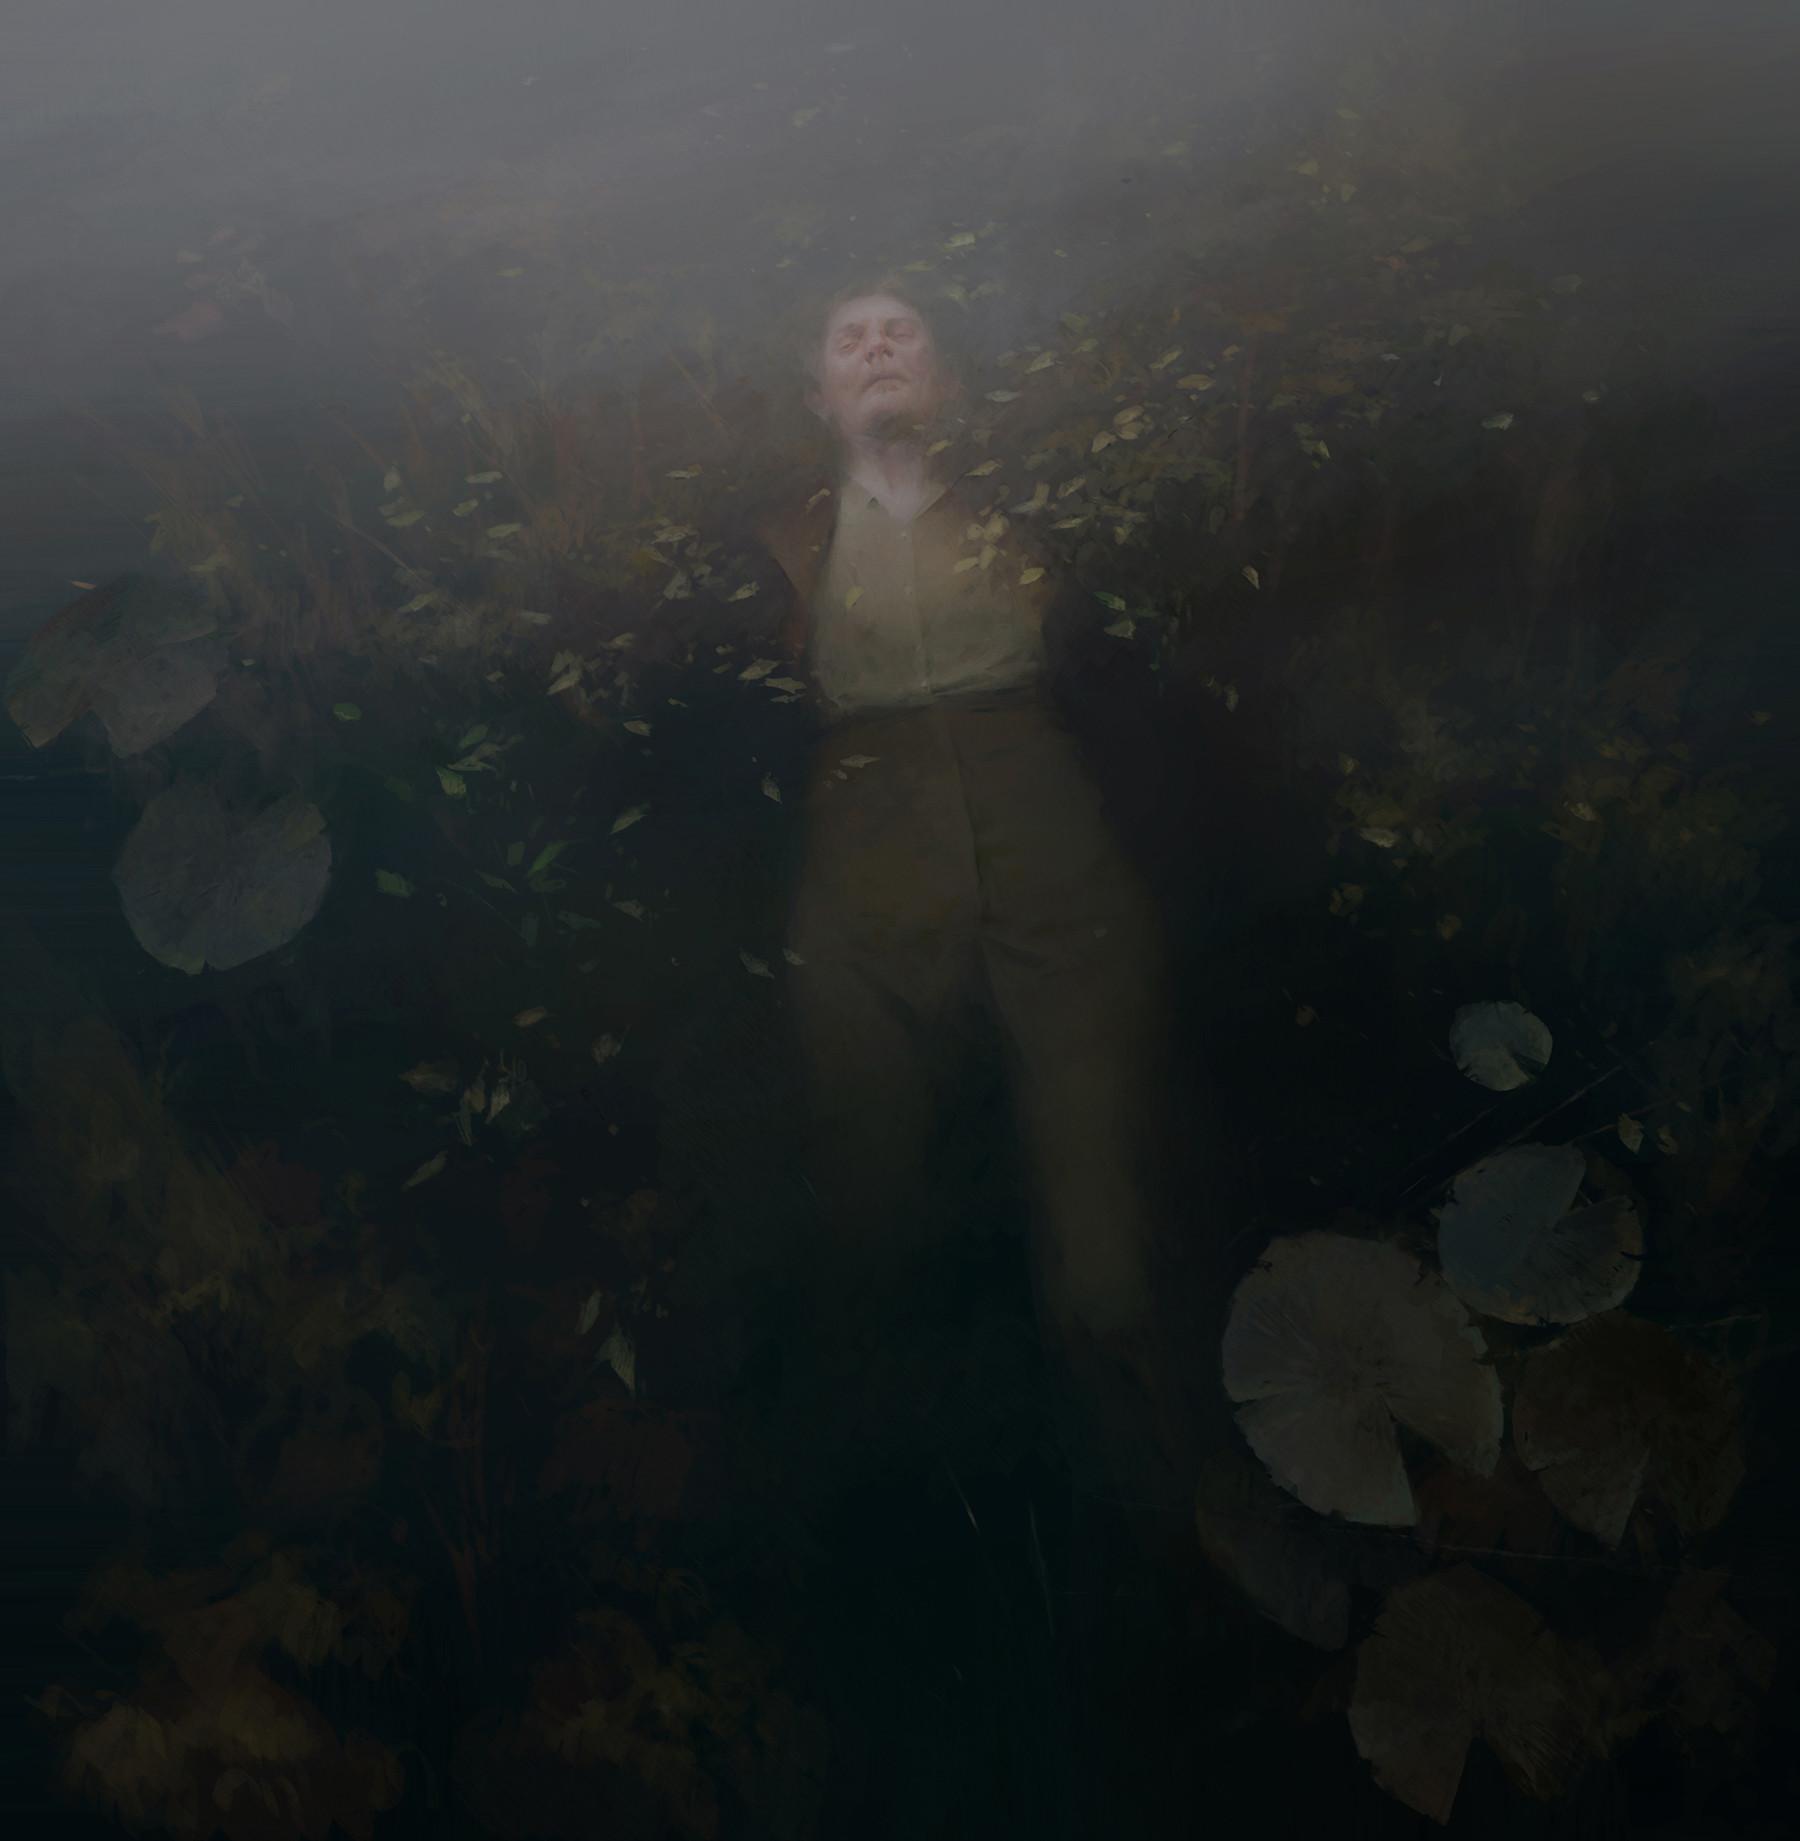 [Reflexion] Les oeuvres qui vous inspirent Piotr-jablonski-debtor-s-end-s